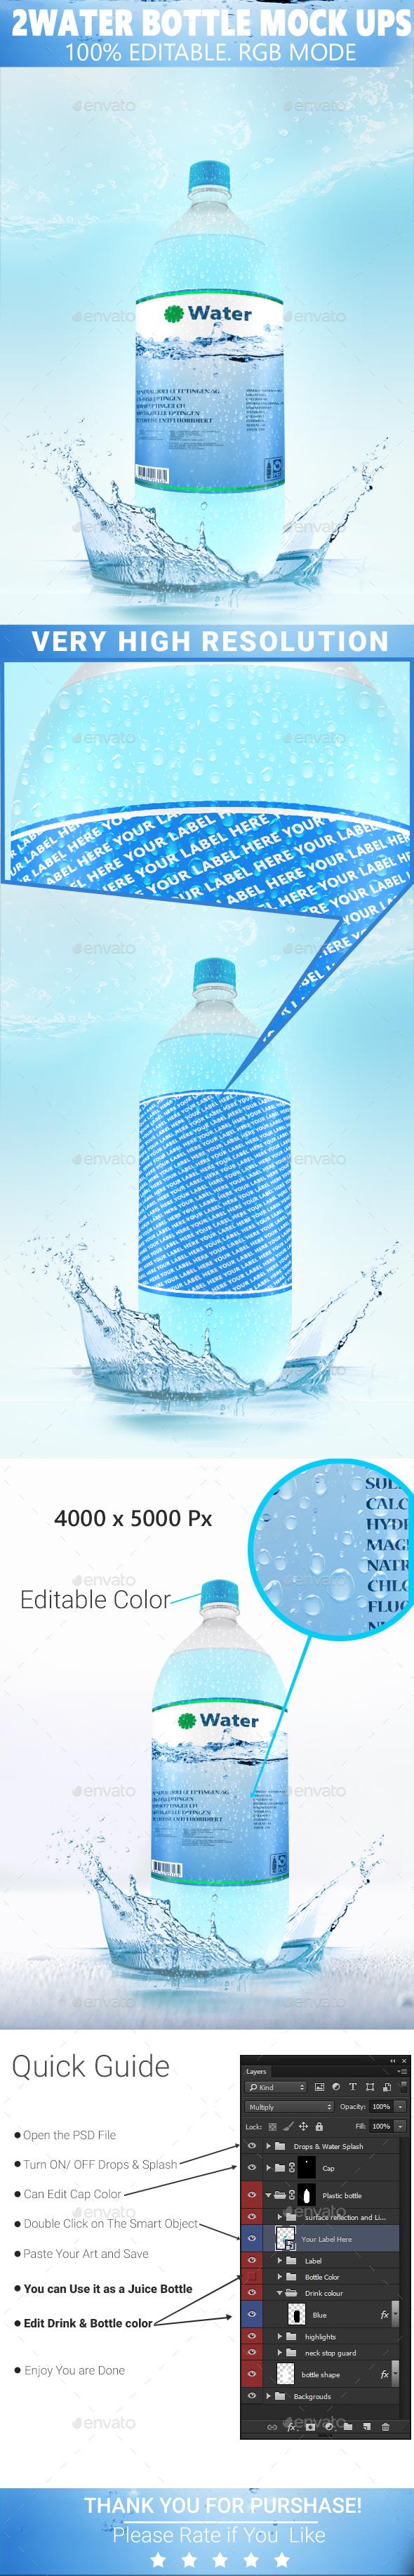 Water Bottle Mock-ups  - Product Mock-Ups Graphics